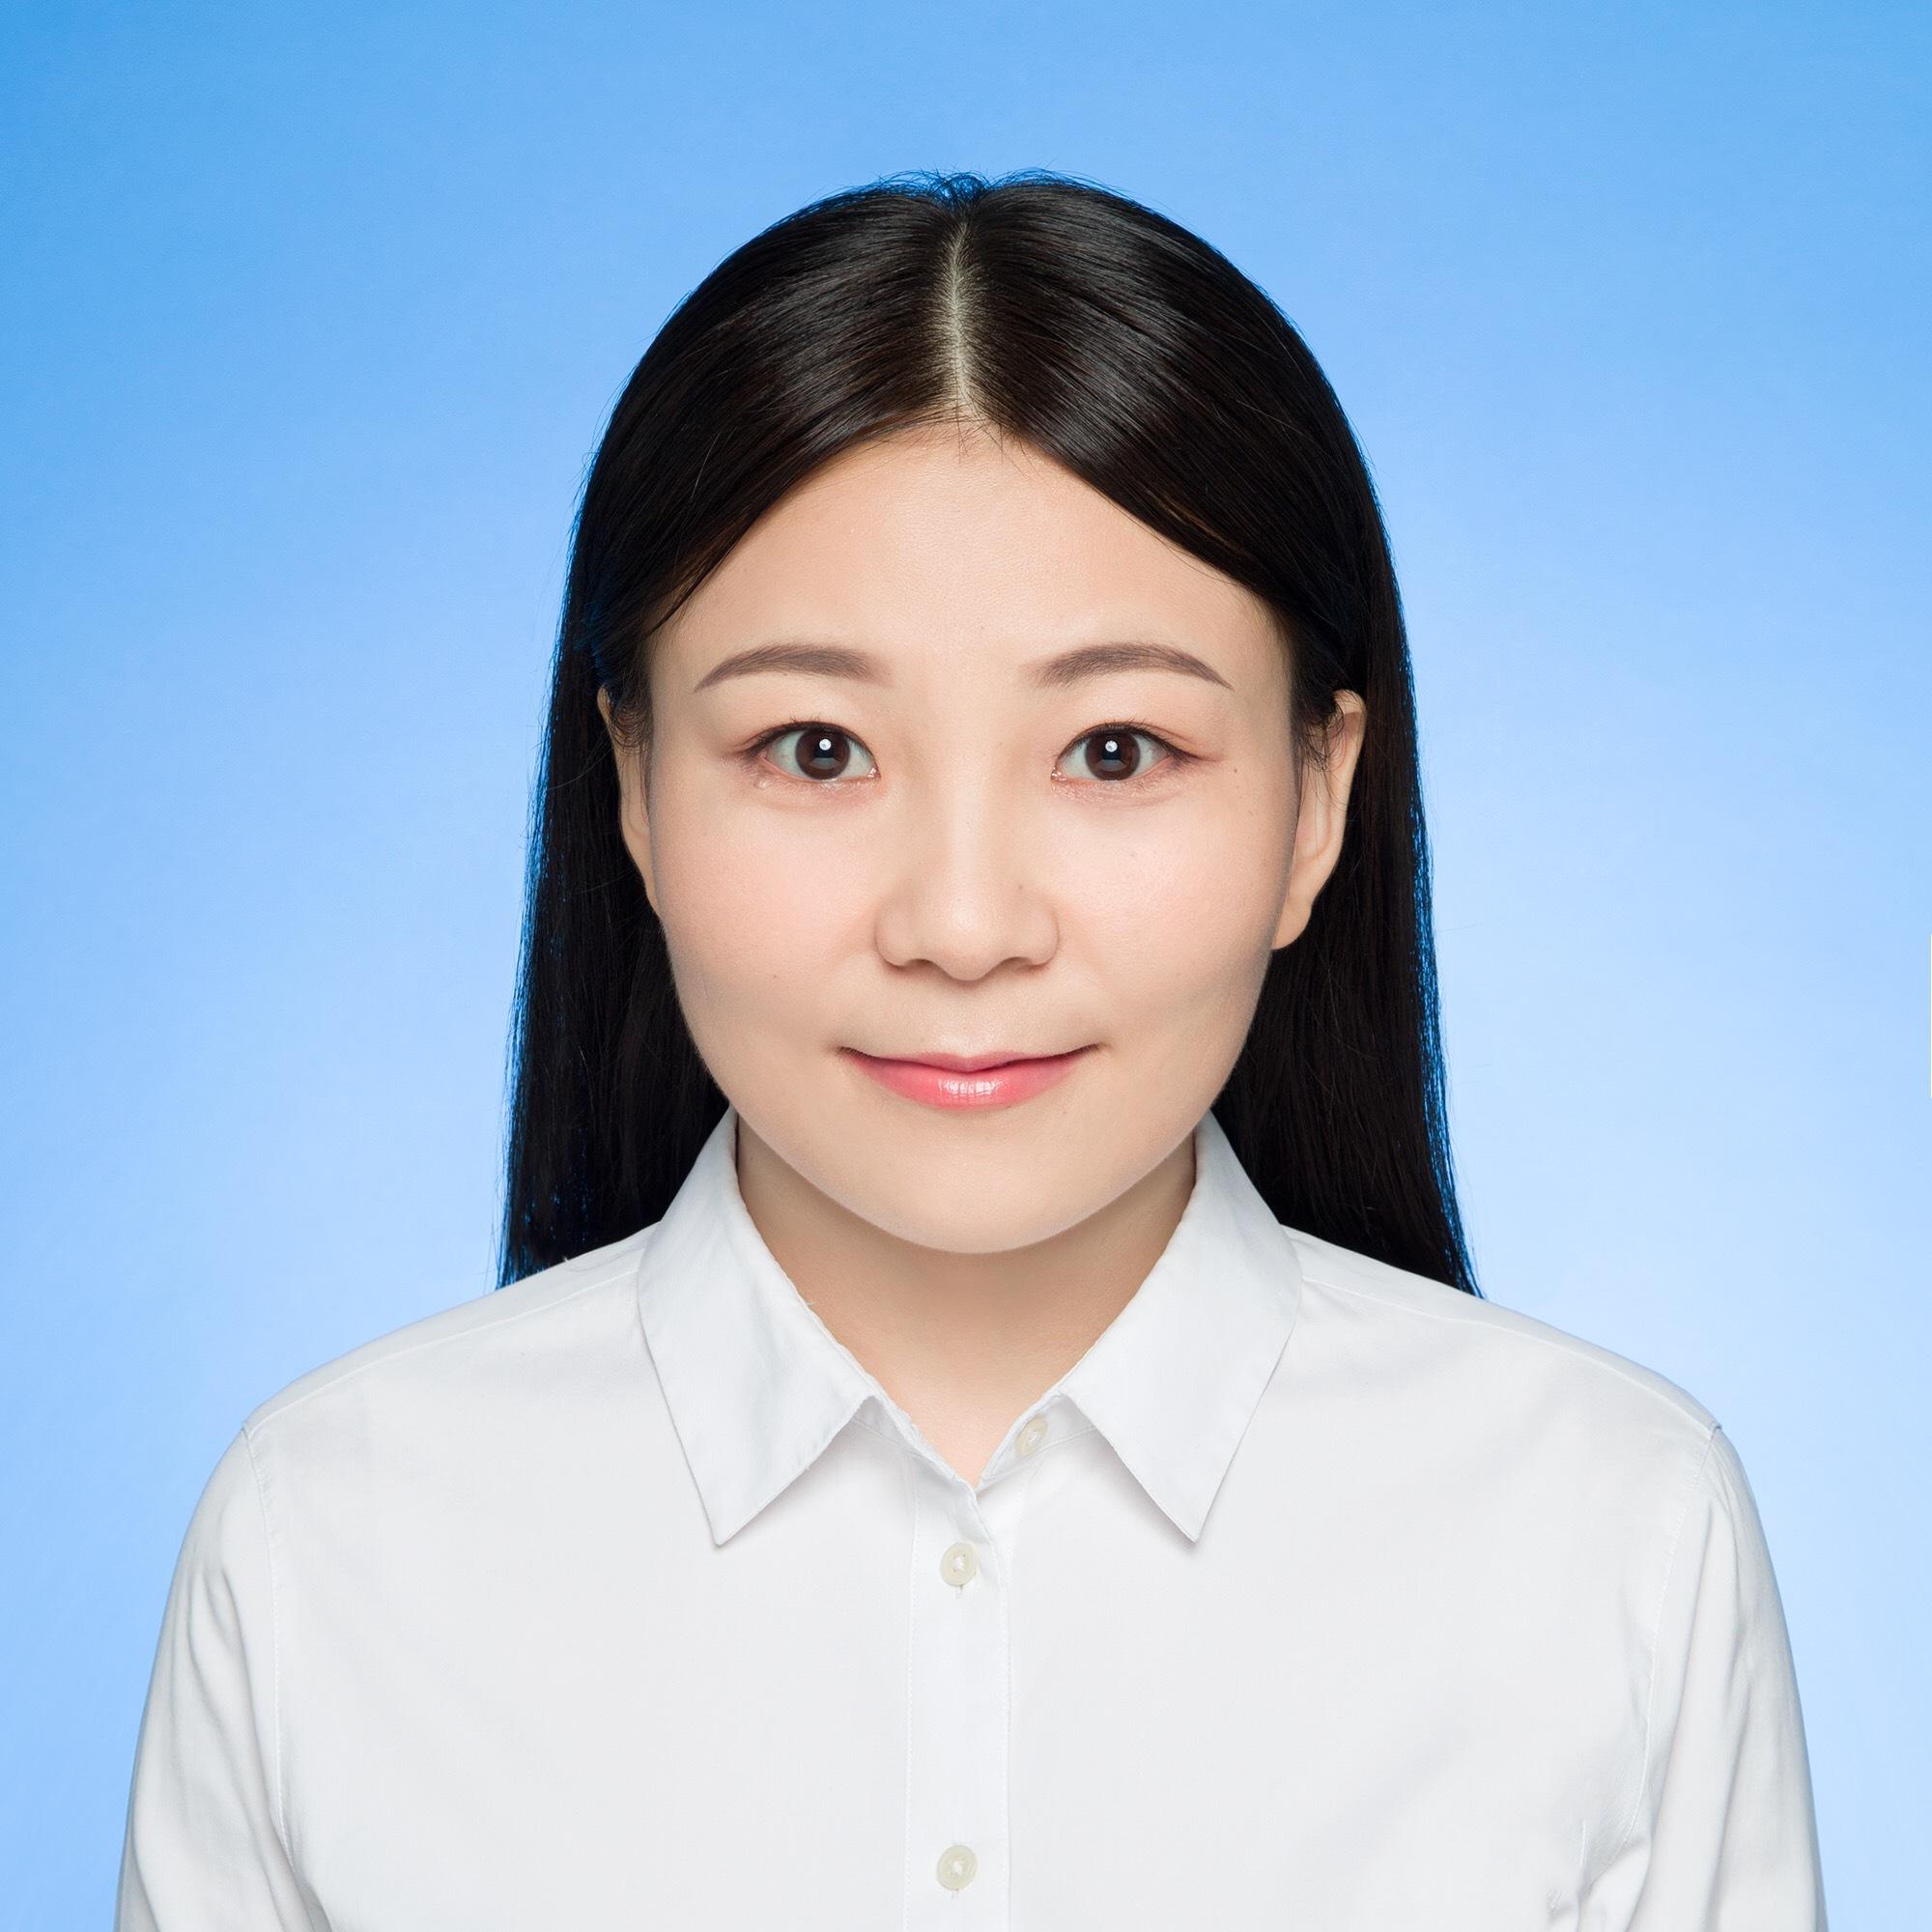 上海家教董老師